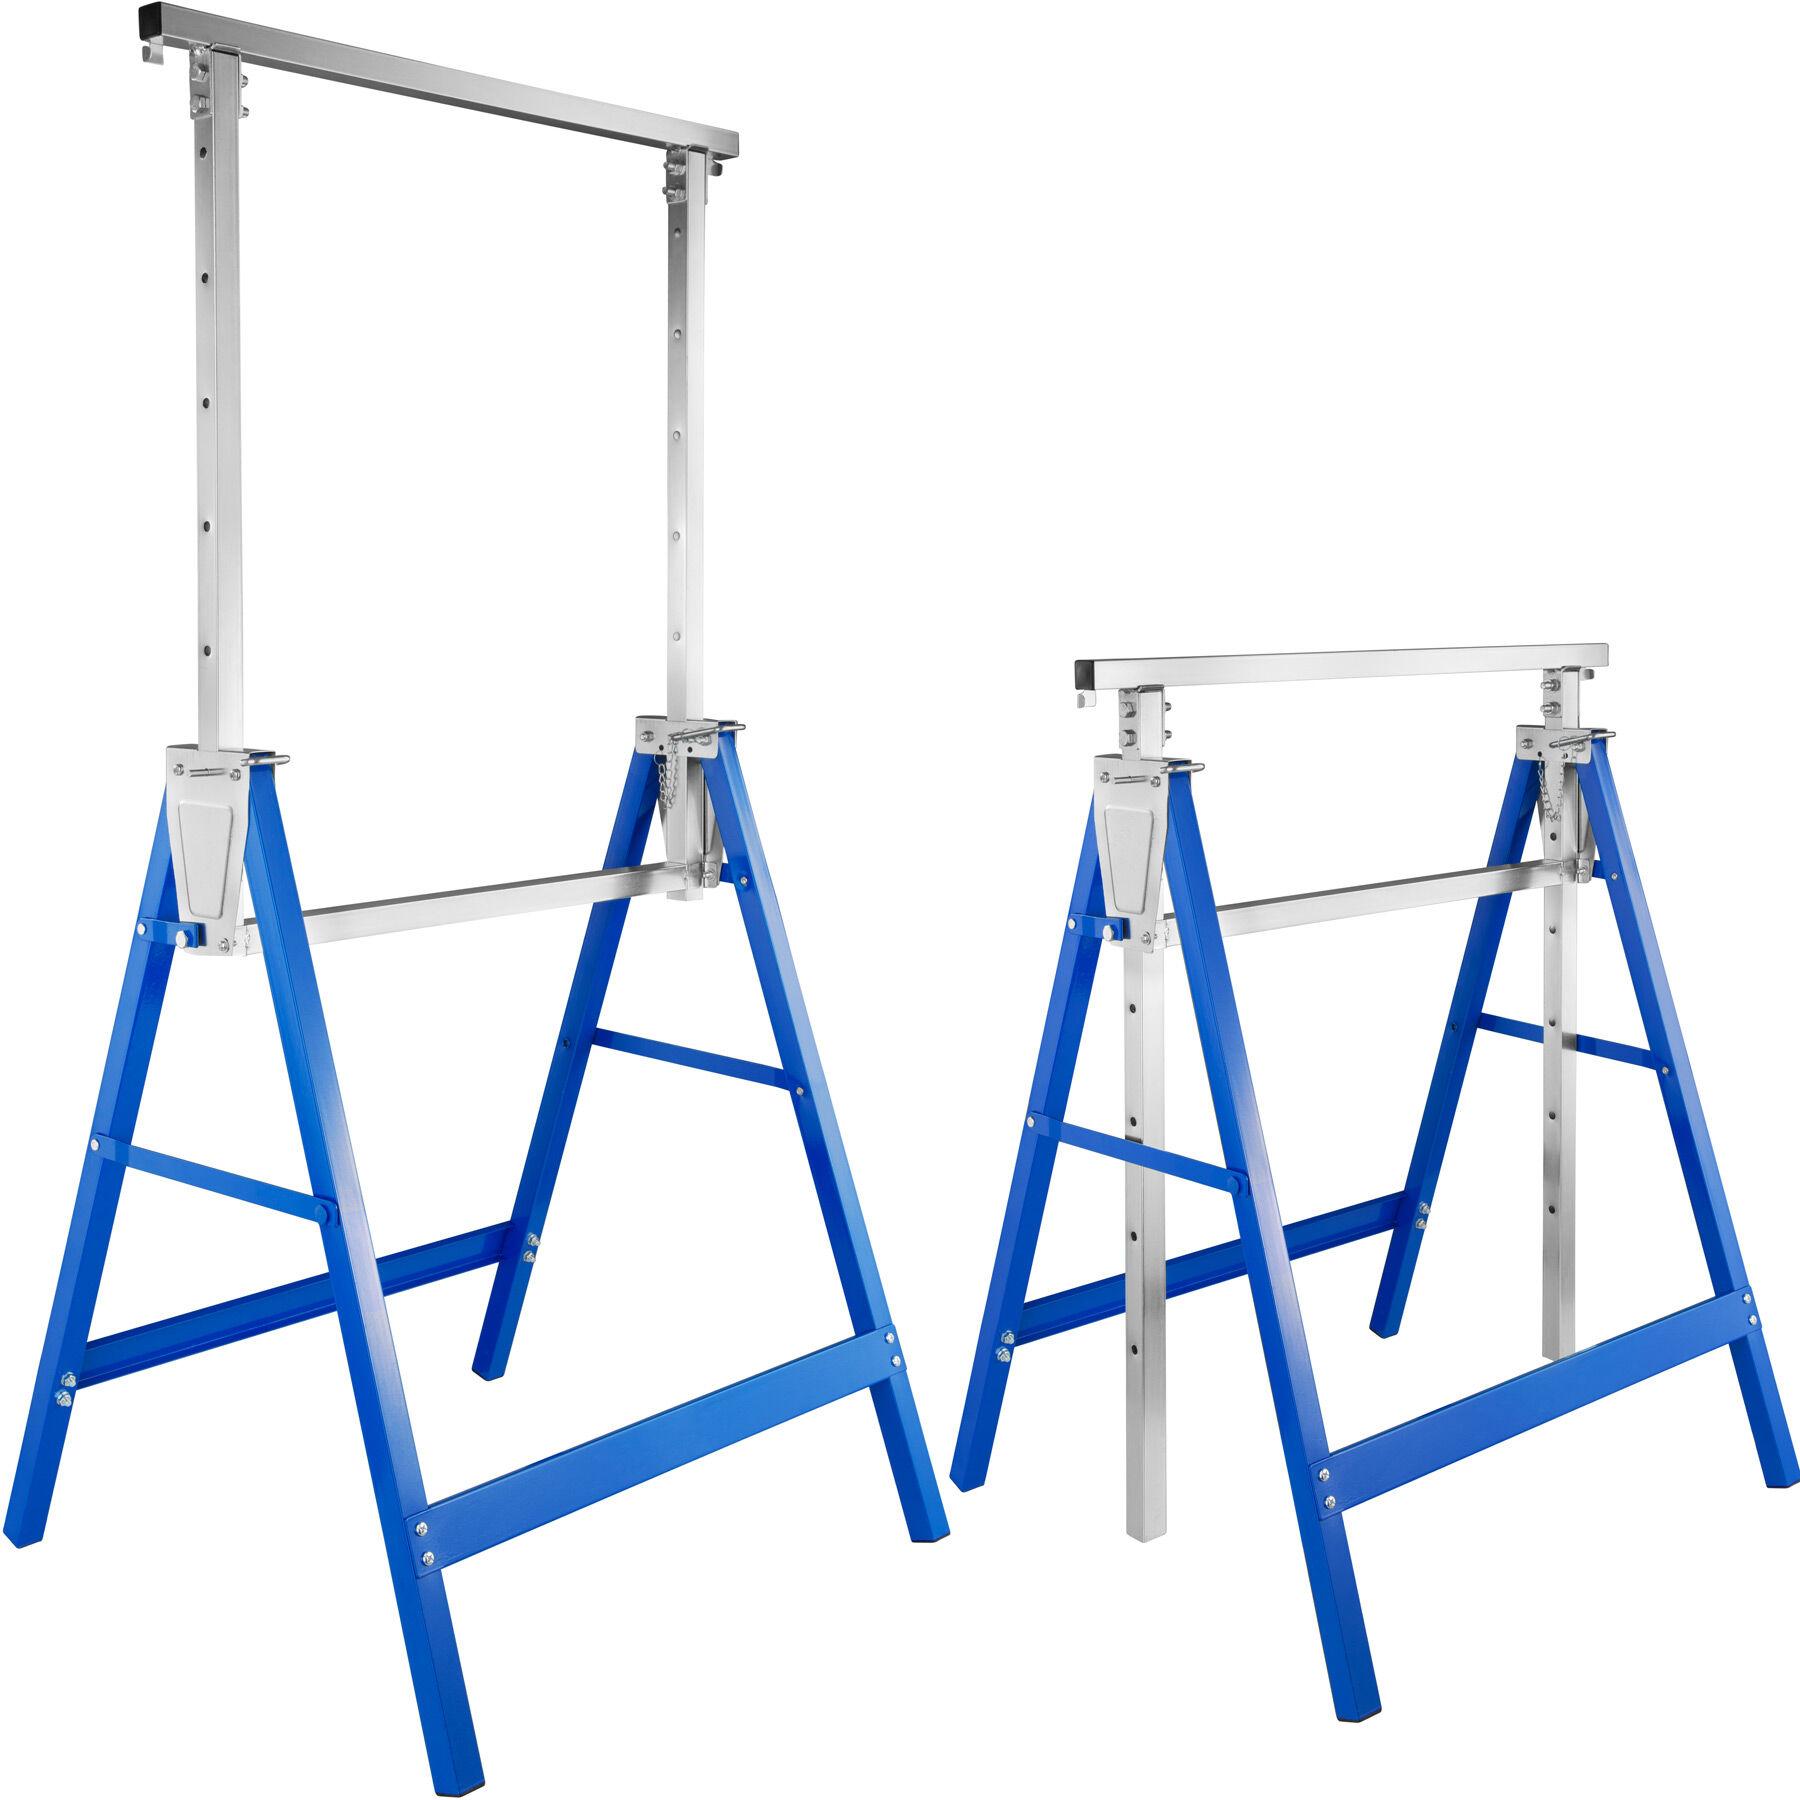 tectake Coppia di cavalletti 2 set di cavalletti di sostegno regolabili in altezza - blu